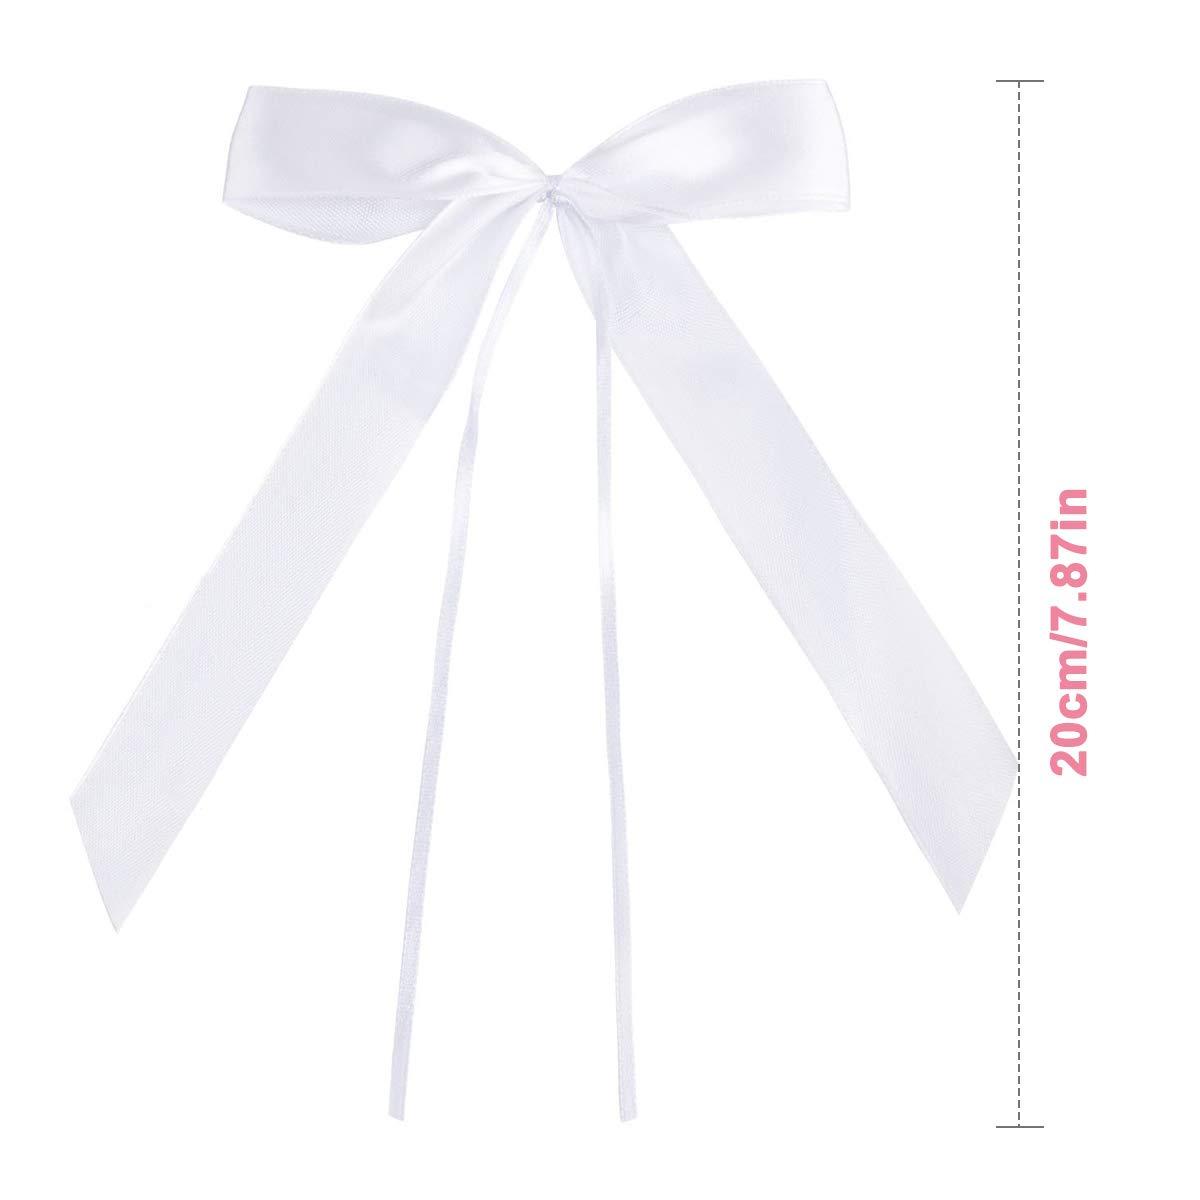 Noeud Papillon Satin Ruban Mariage pour Voiture Decoration Wedding Crmonie Cadeau Bouquet Noeud Ruban Mariage NATUCE 50PCS Blanc D/écoration De Mariage N/œuds Satin Beige Chaise